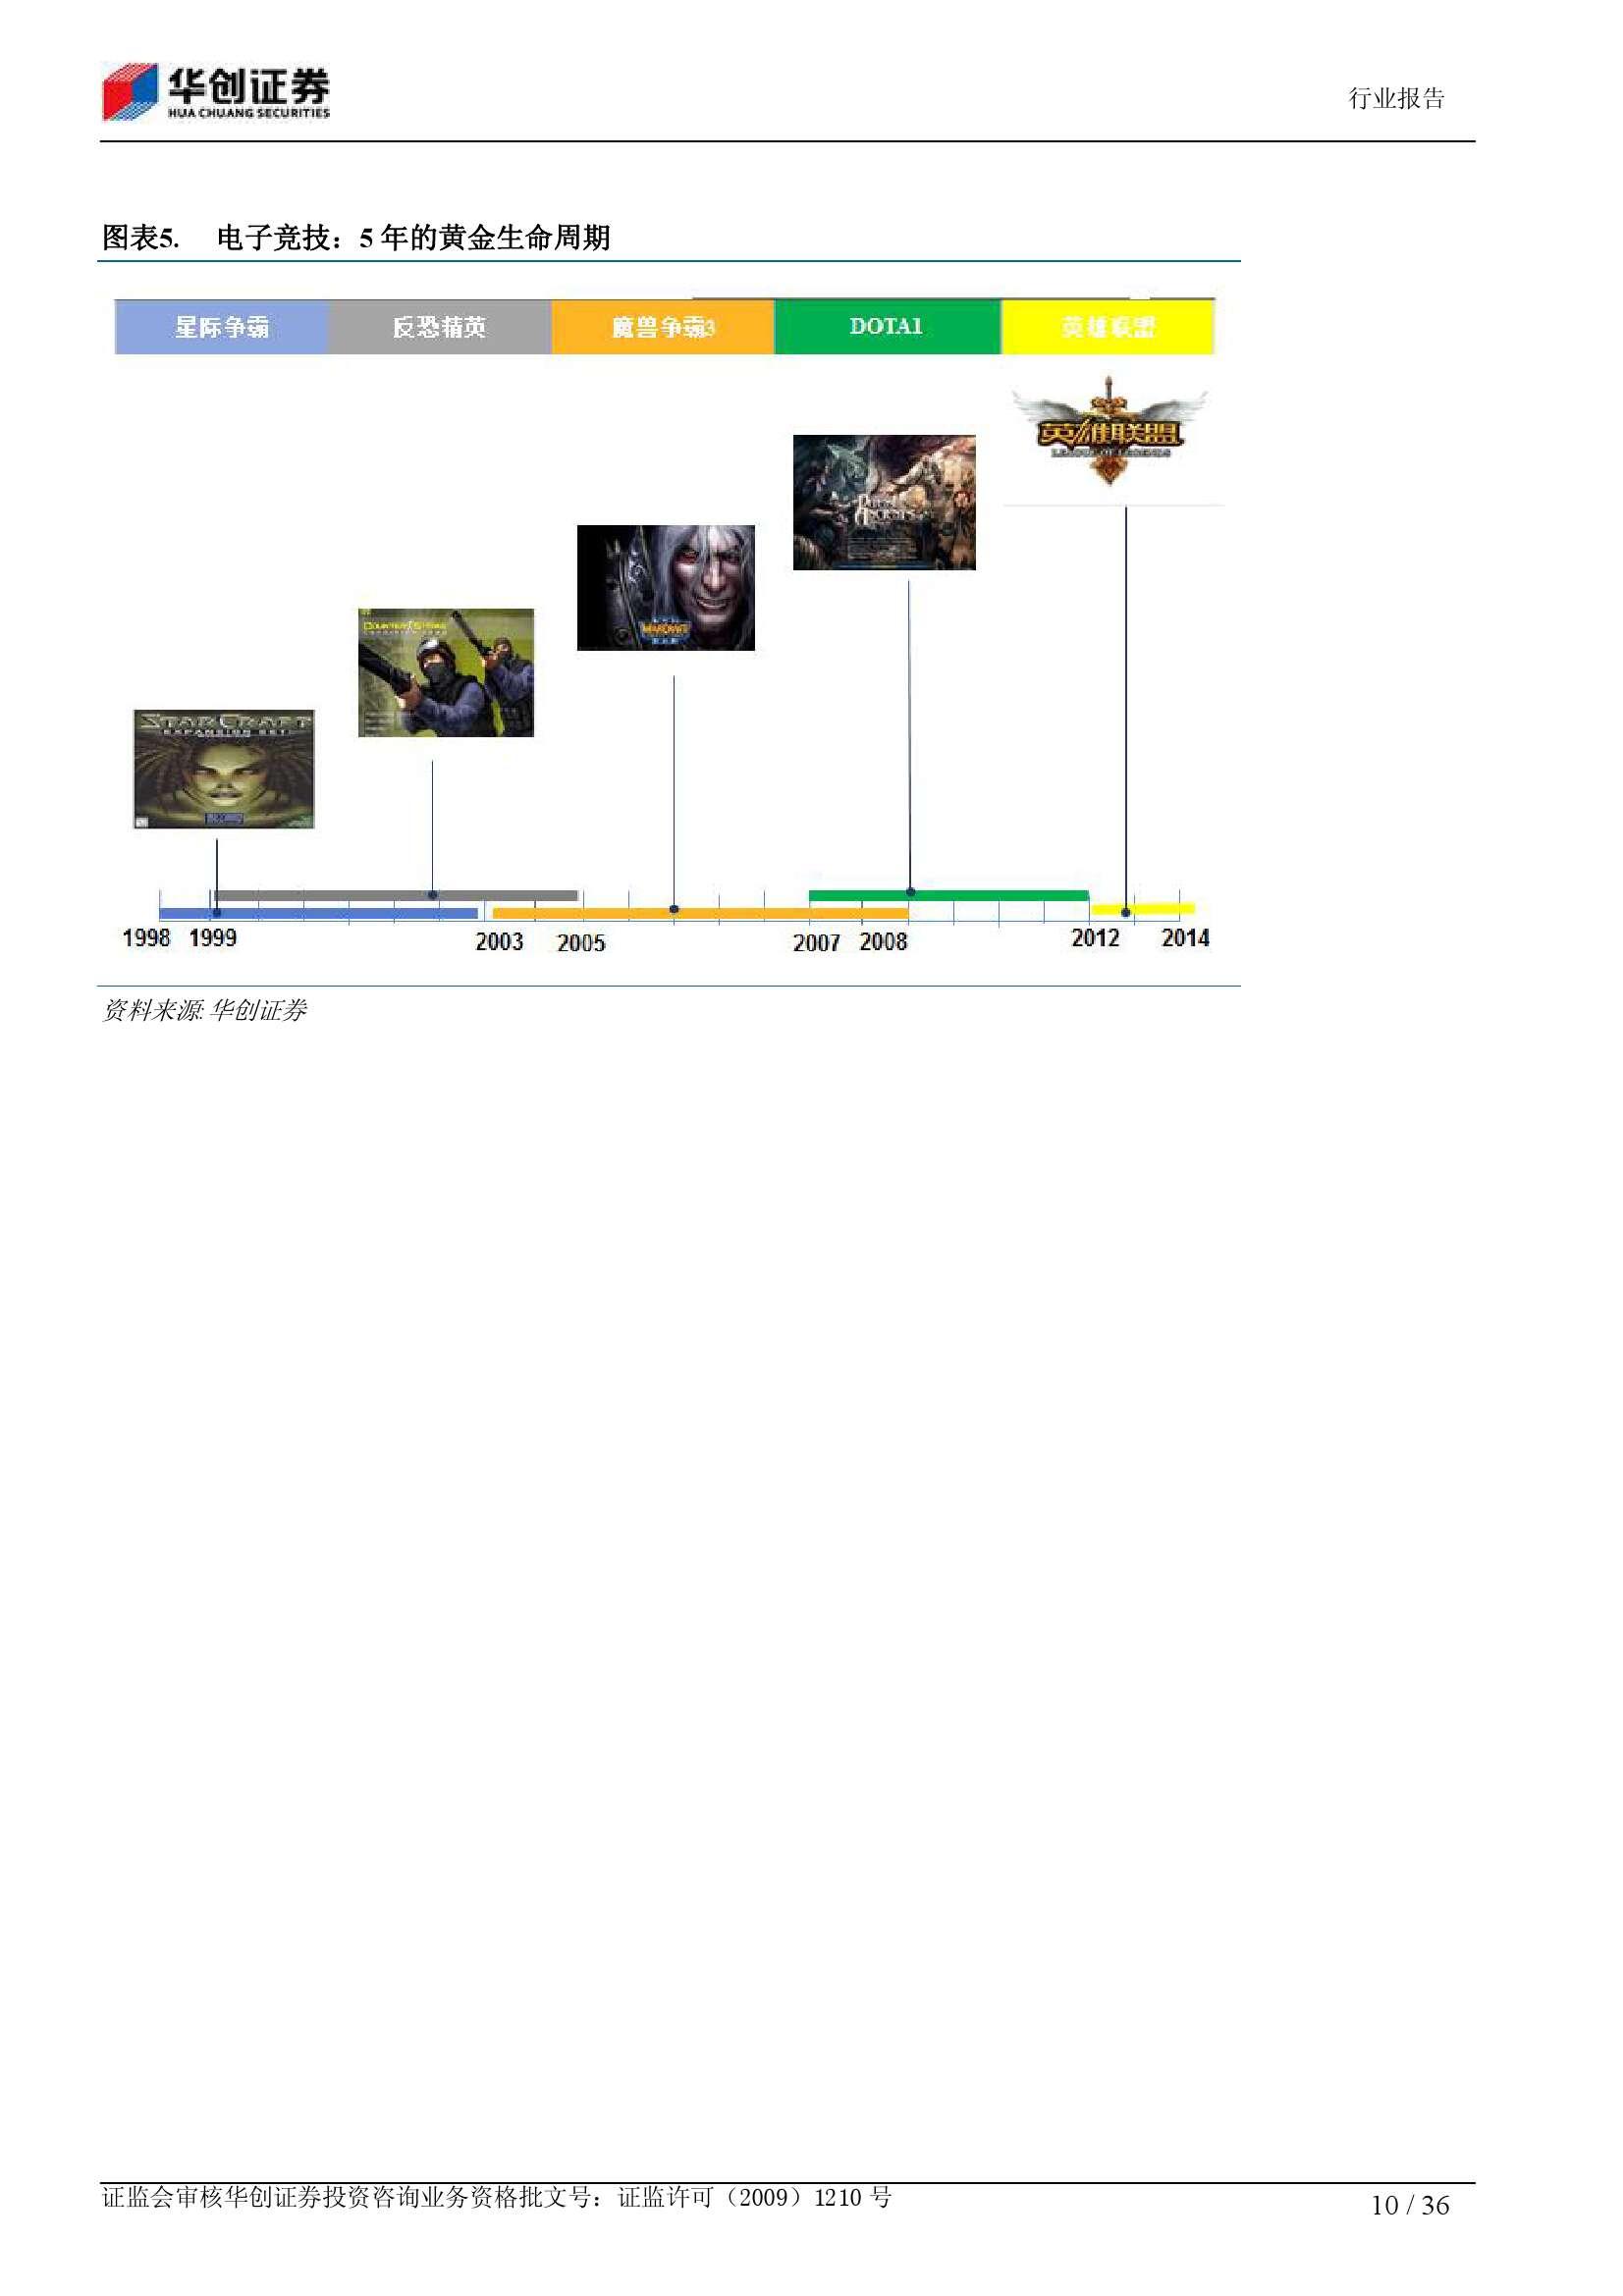 电子竞技深度报告:从小众娱乐 到千亿产业_000010